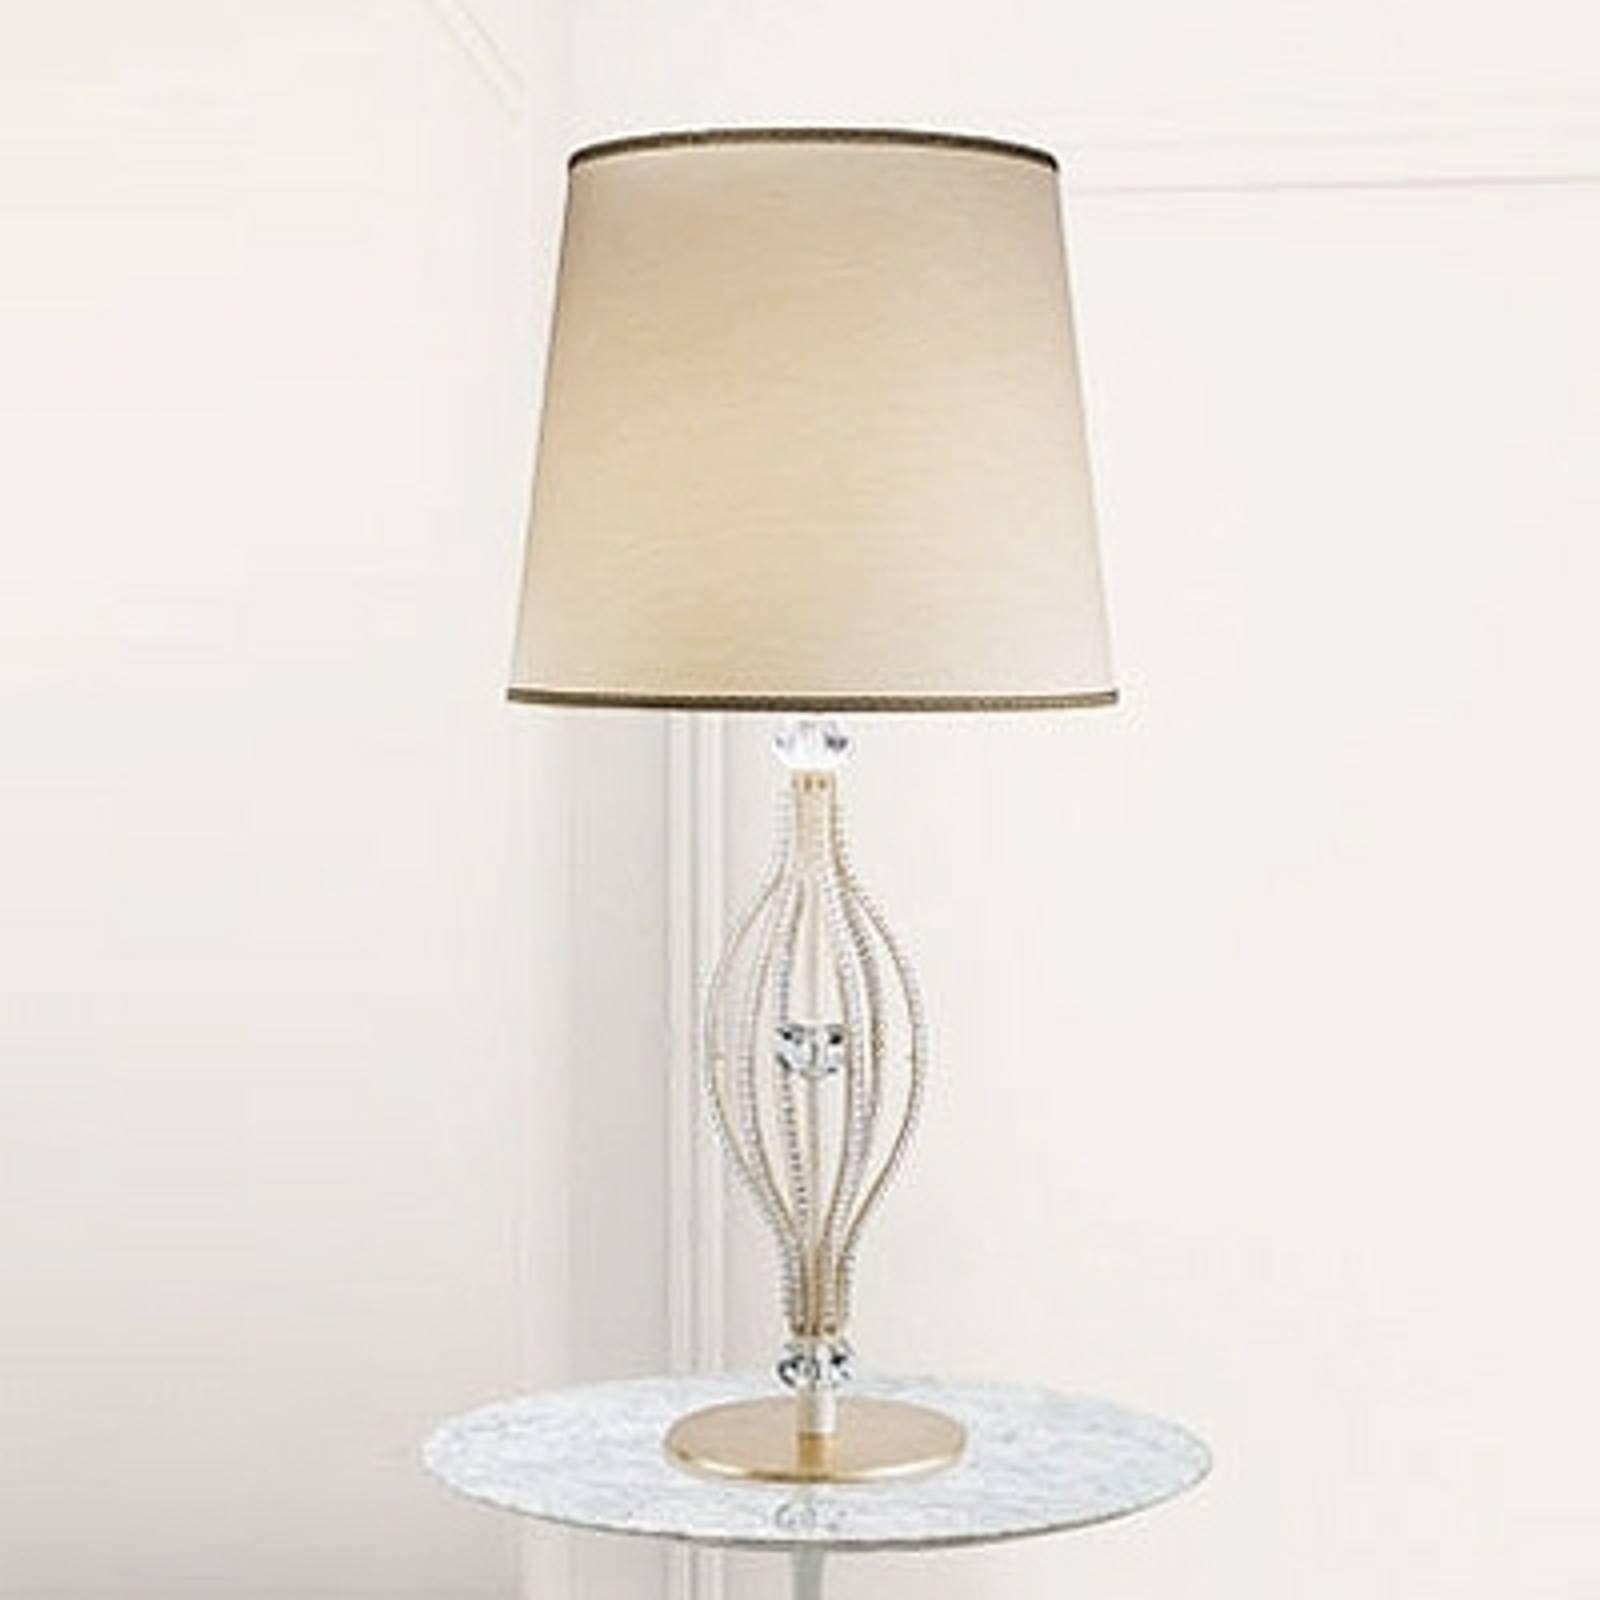 Elfenbensfarget bordlampe ANOUK